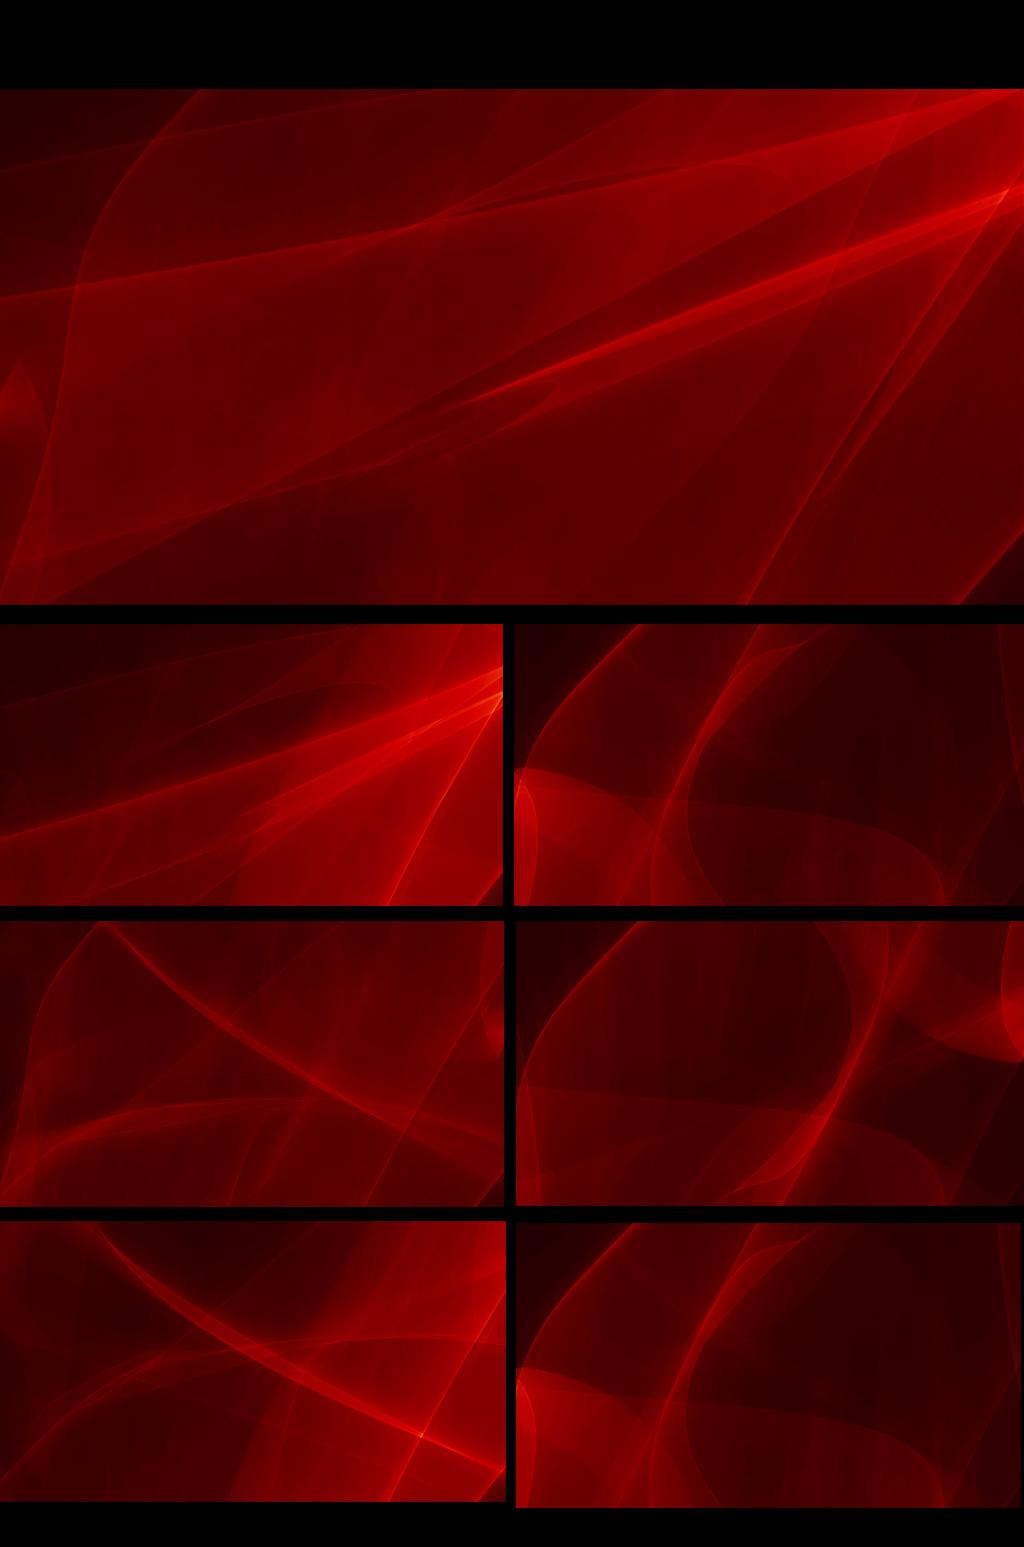 红色丝绸质感国庆必备动态素材图片设计 高清其他模板下载 15.68MB 图片